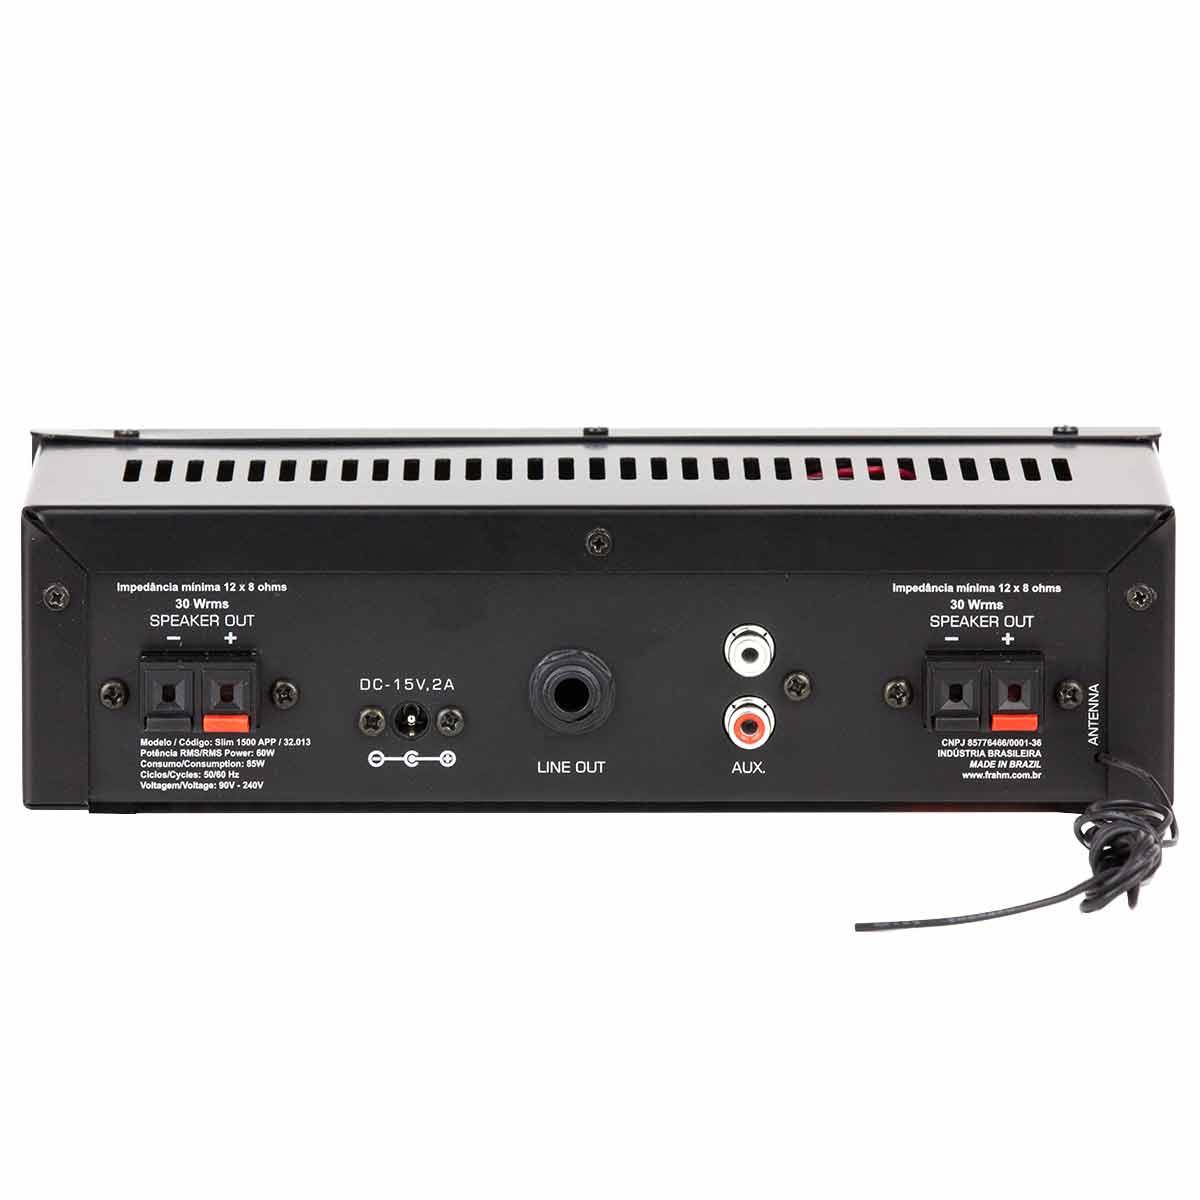 Amplificador Som Ambiente 60W c/ Bluetooth, USB e APP SLIM 1500 APP - Frahm